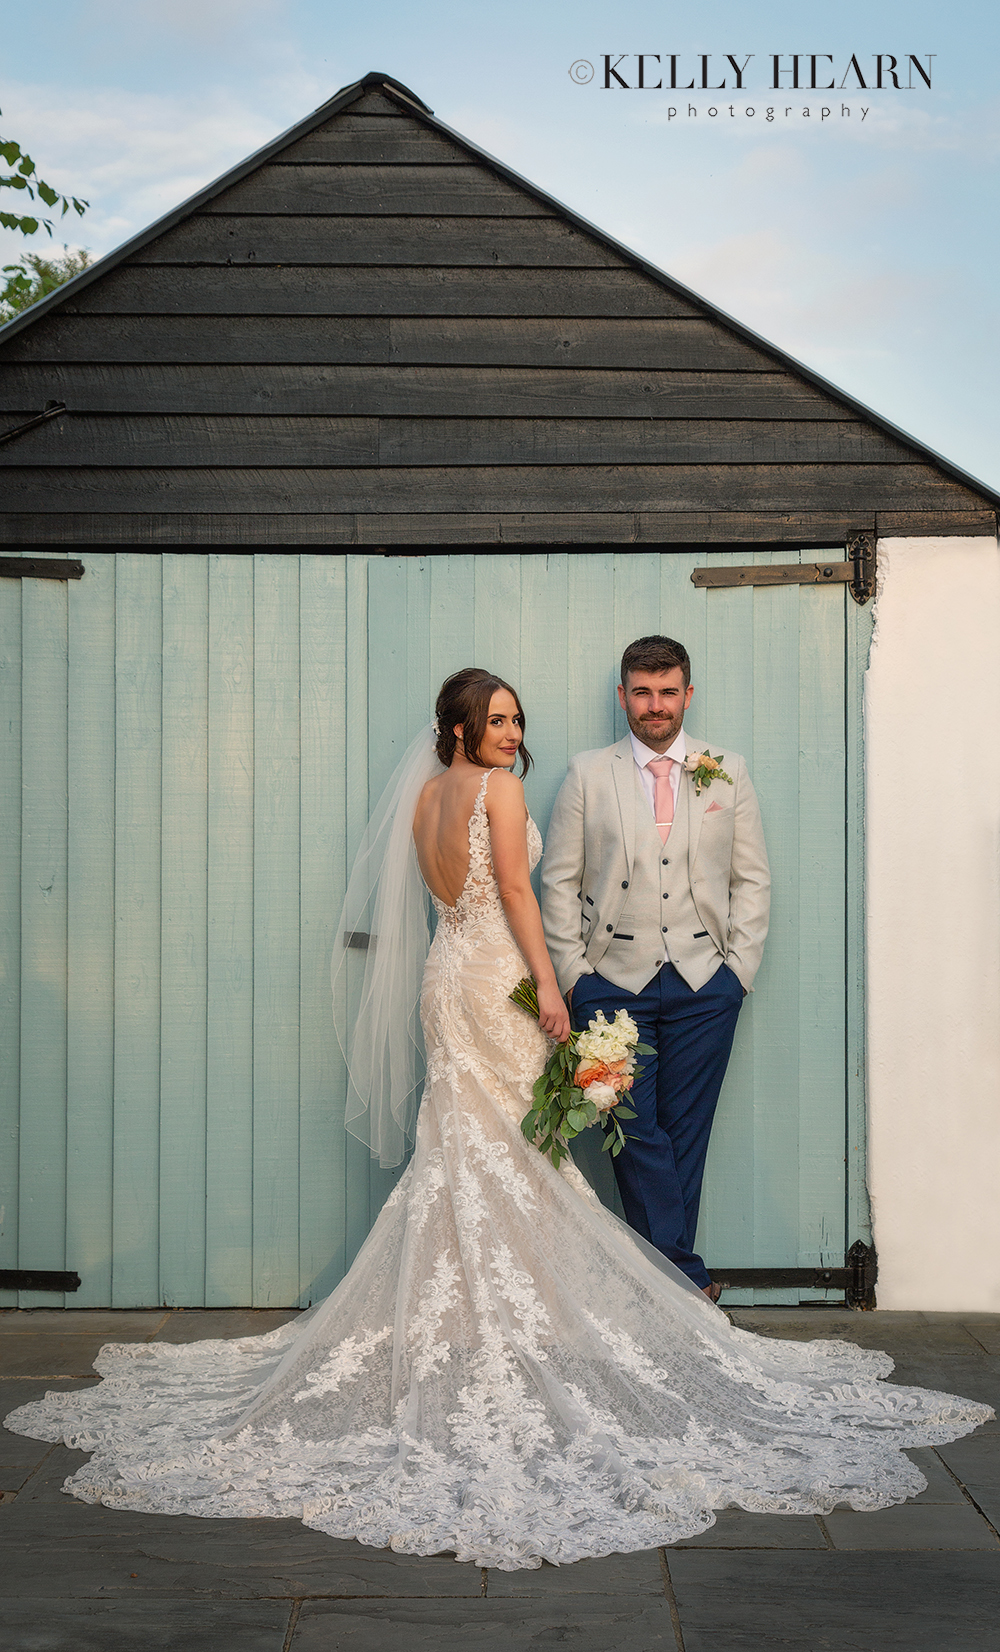 REE_bride-groom-barn-doors.jpg#asset:3047